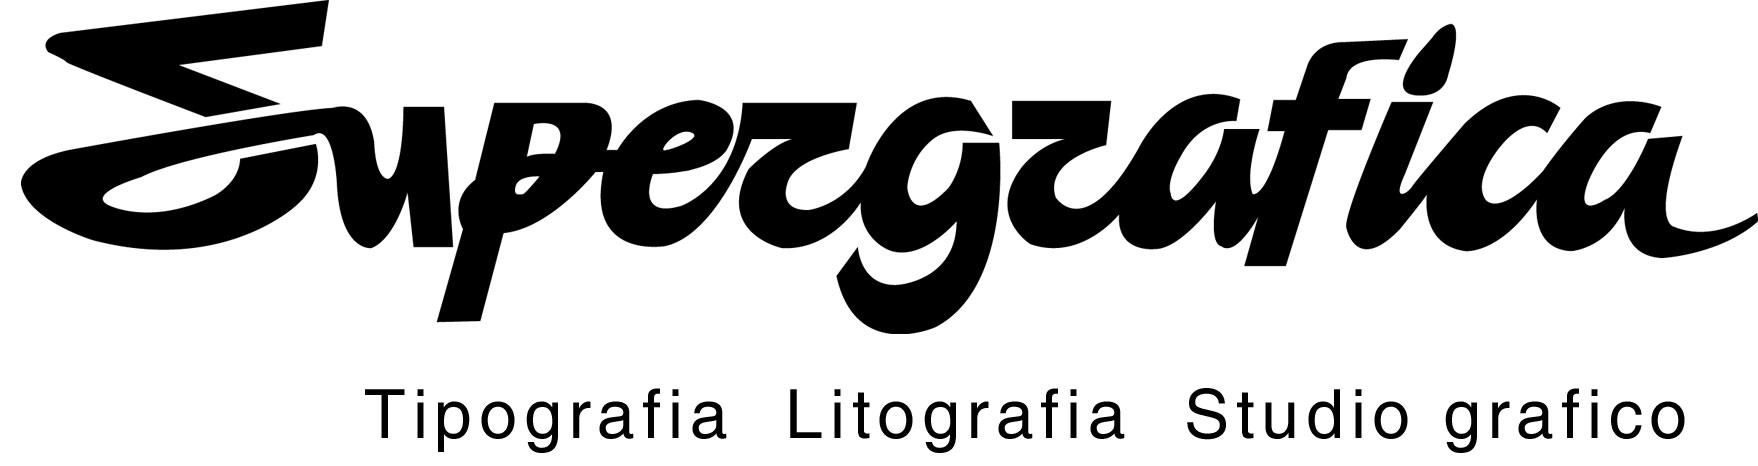 Tipografia Supergrafica